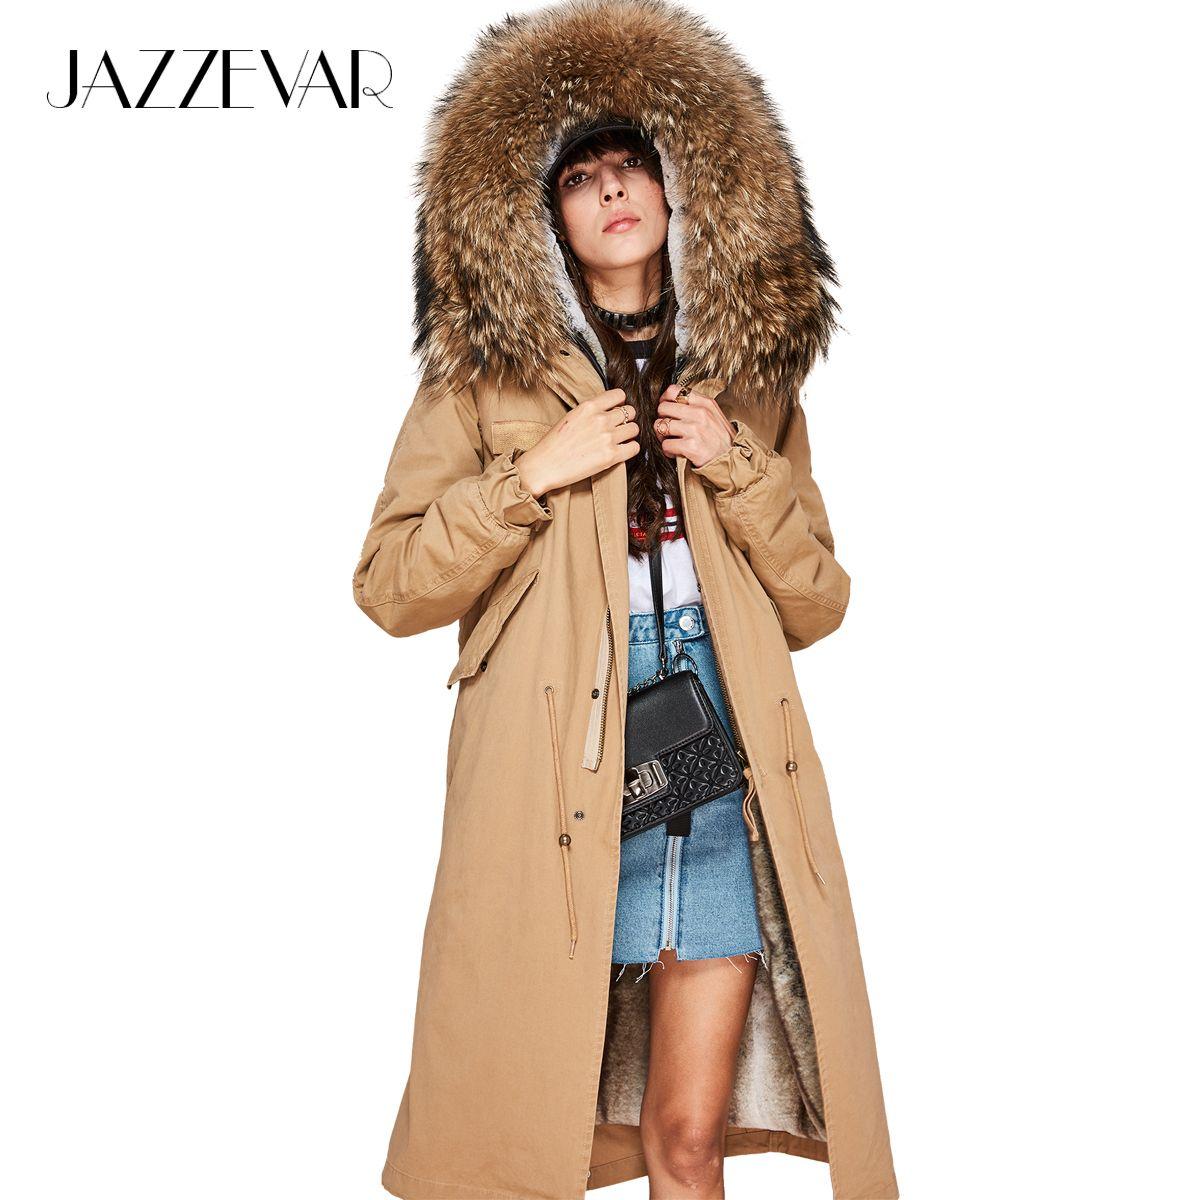 JAZZEVAR Neue high Fashion frauen X-Lange parka große echt waschbär fell Kapuze Mantel Outwear natürliche farbe Military winter Jacke